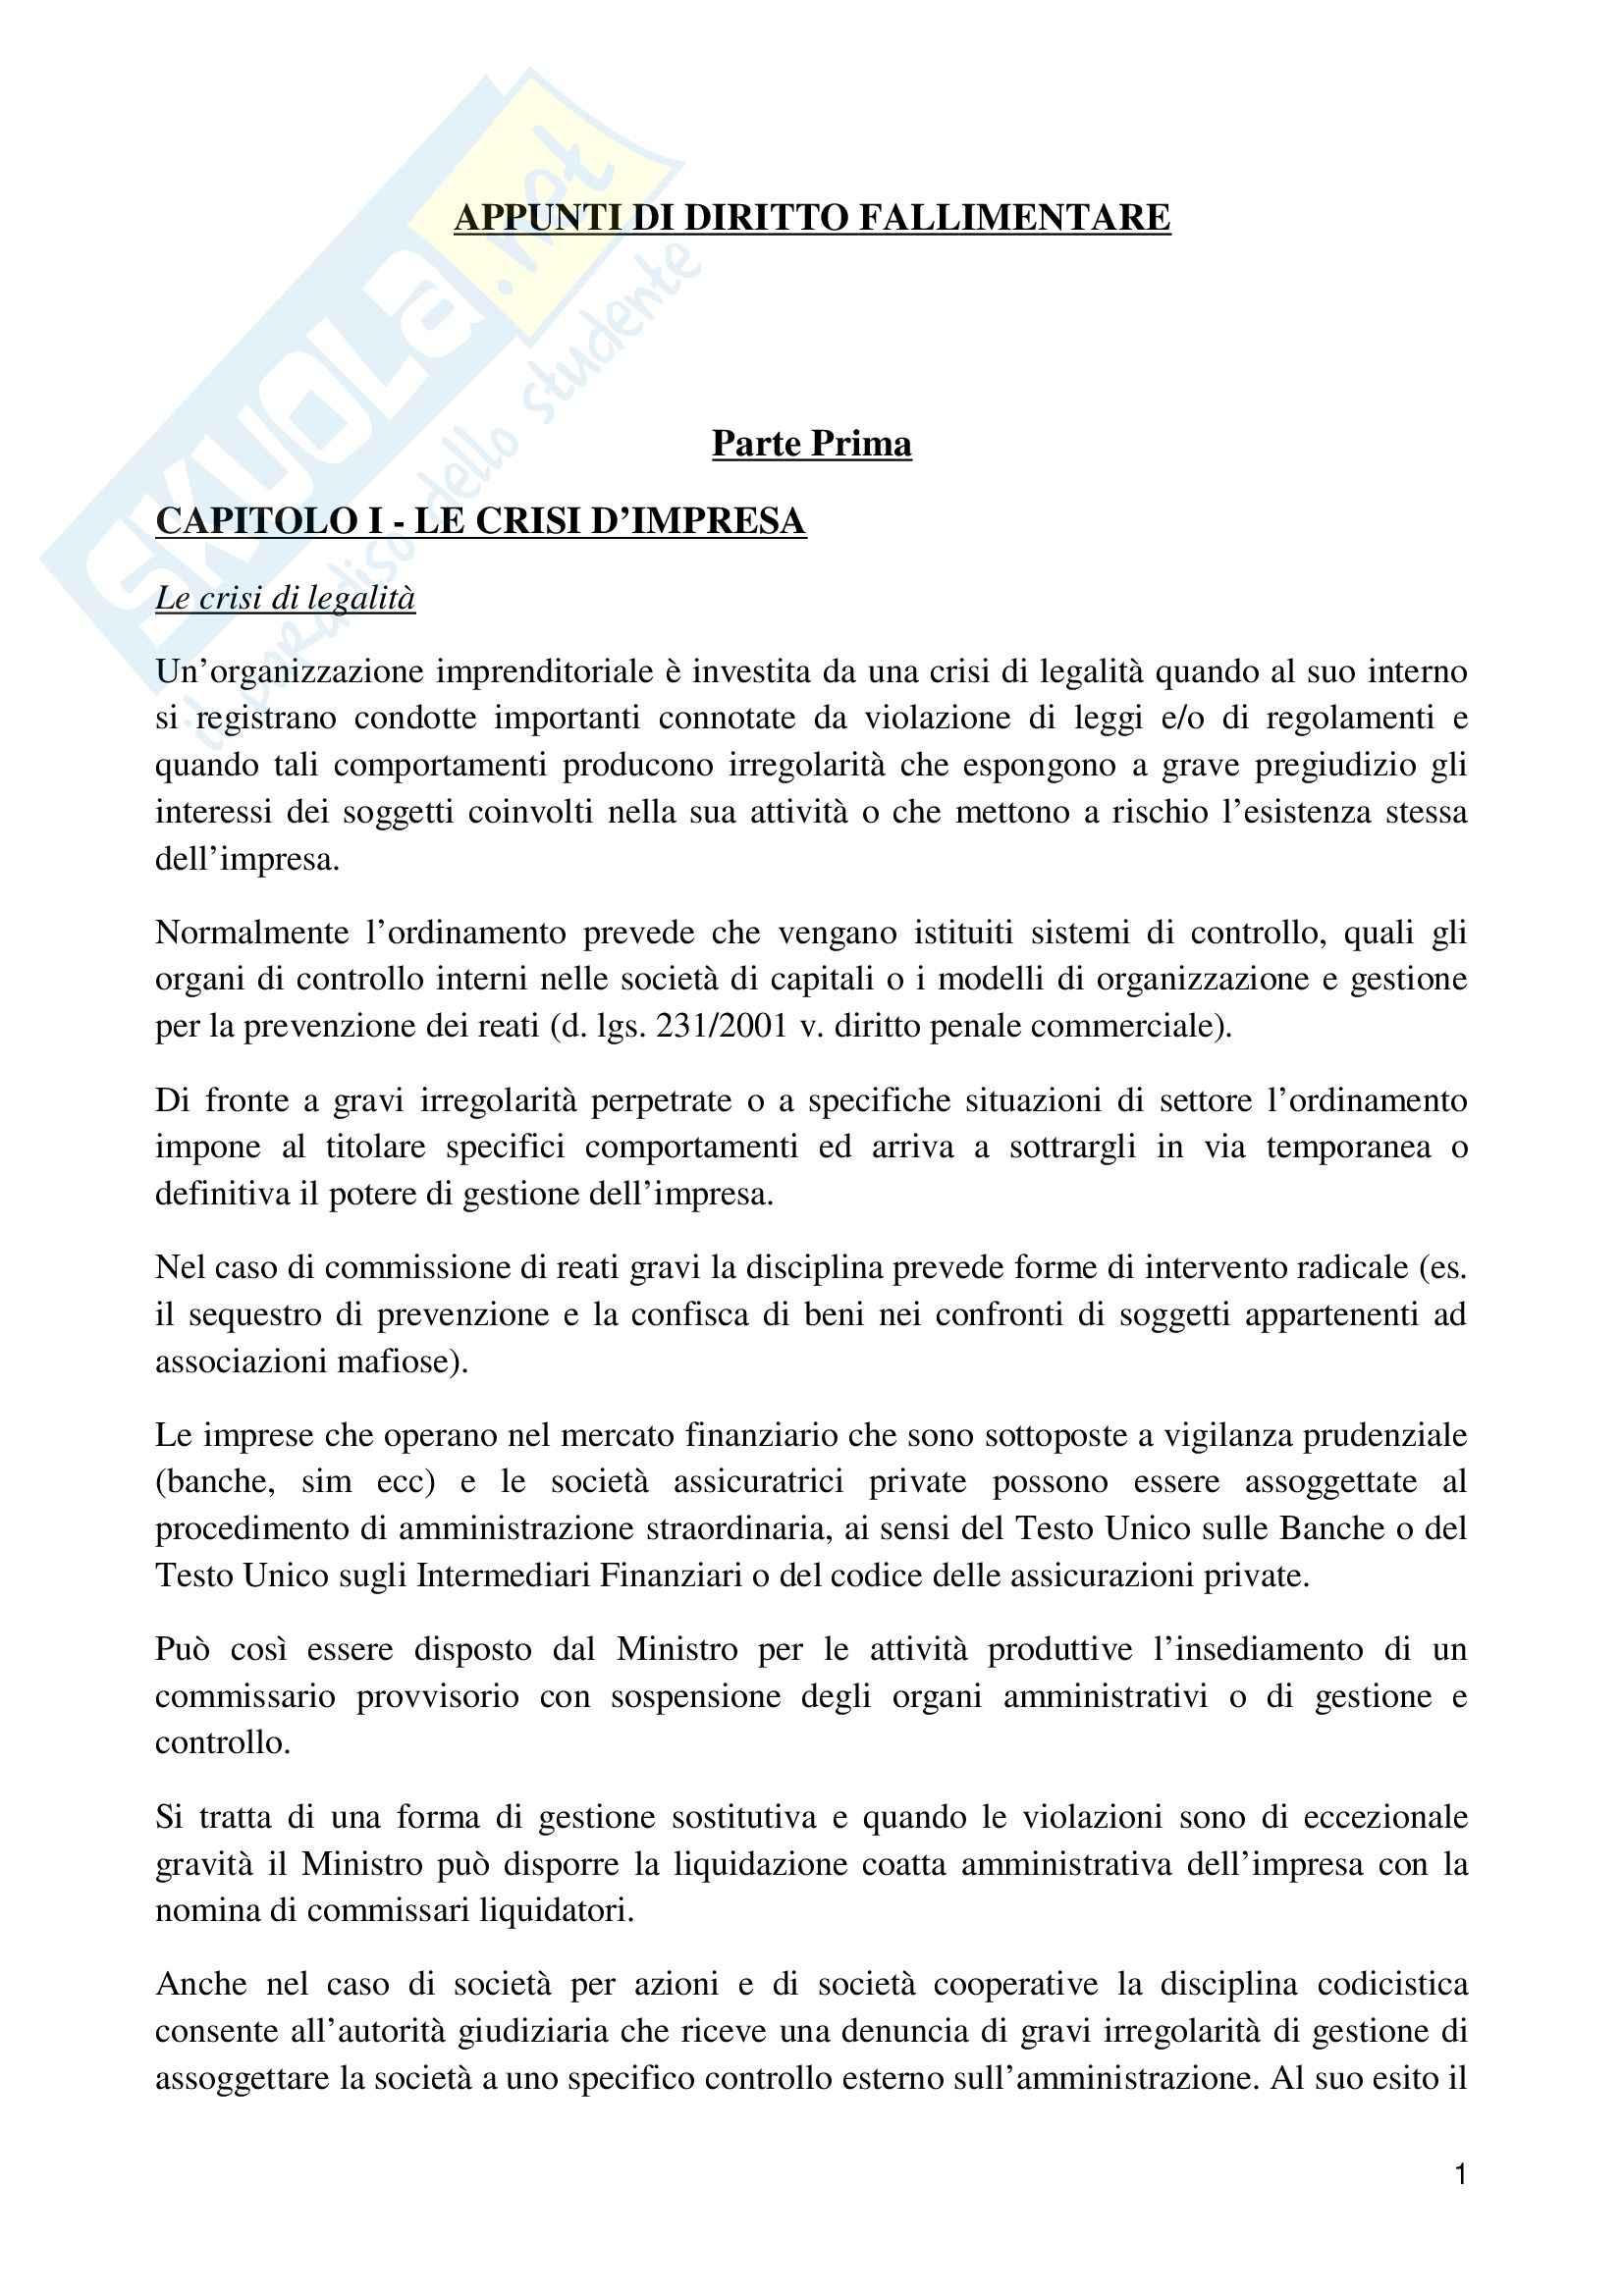 Riassunto esame Diritto fallimentare, prof. Gianniti, libro consigliato Diritto fallimentare, Giuffrè